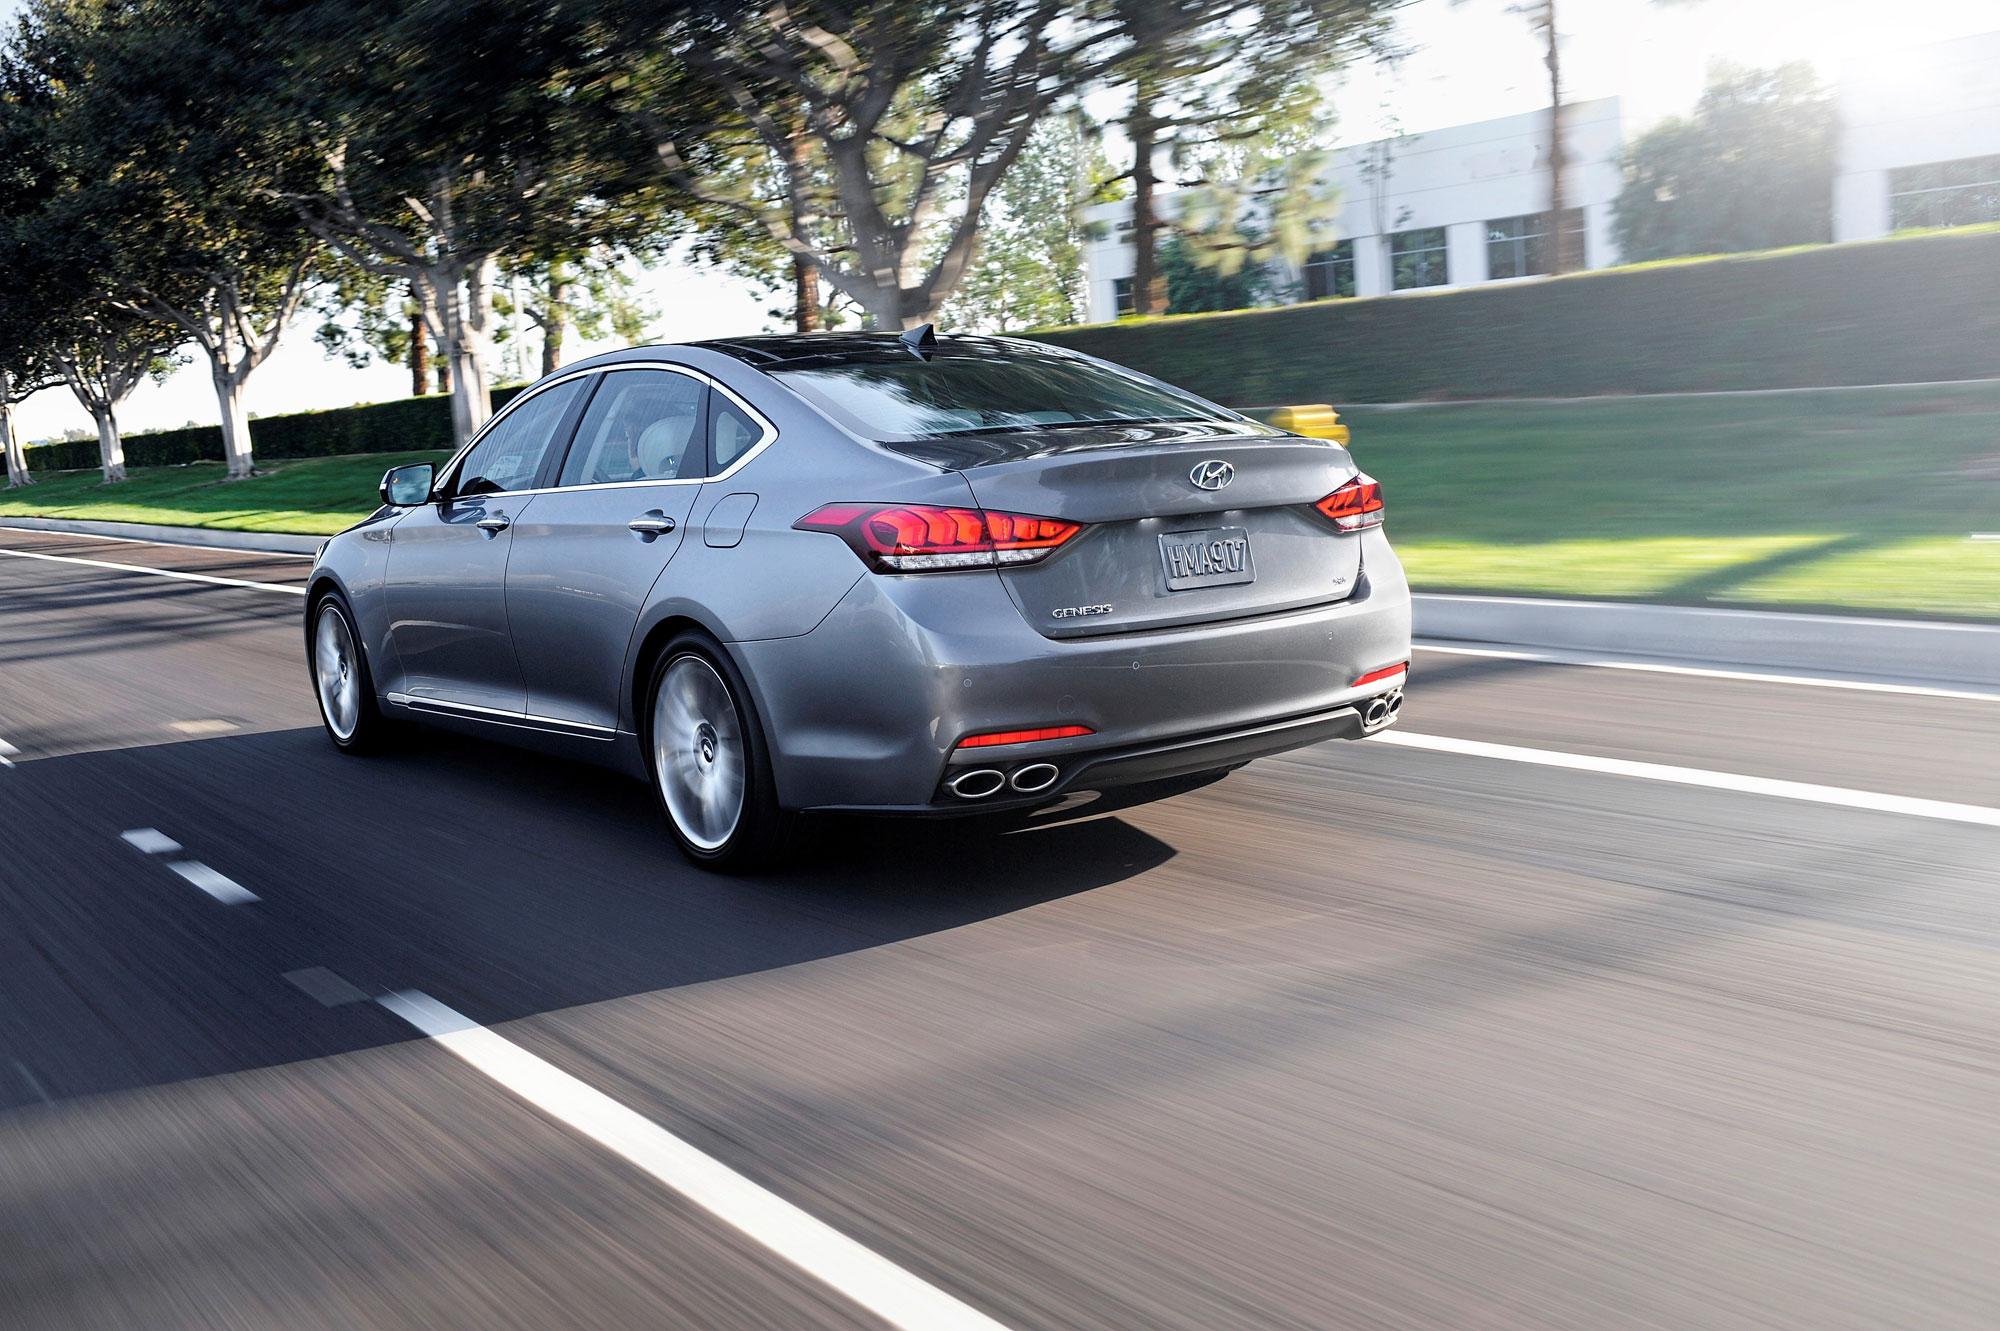 The ride of the 2016 Hyundai Genesis